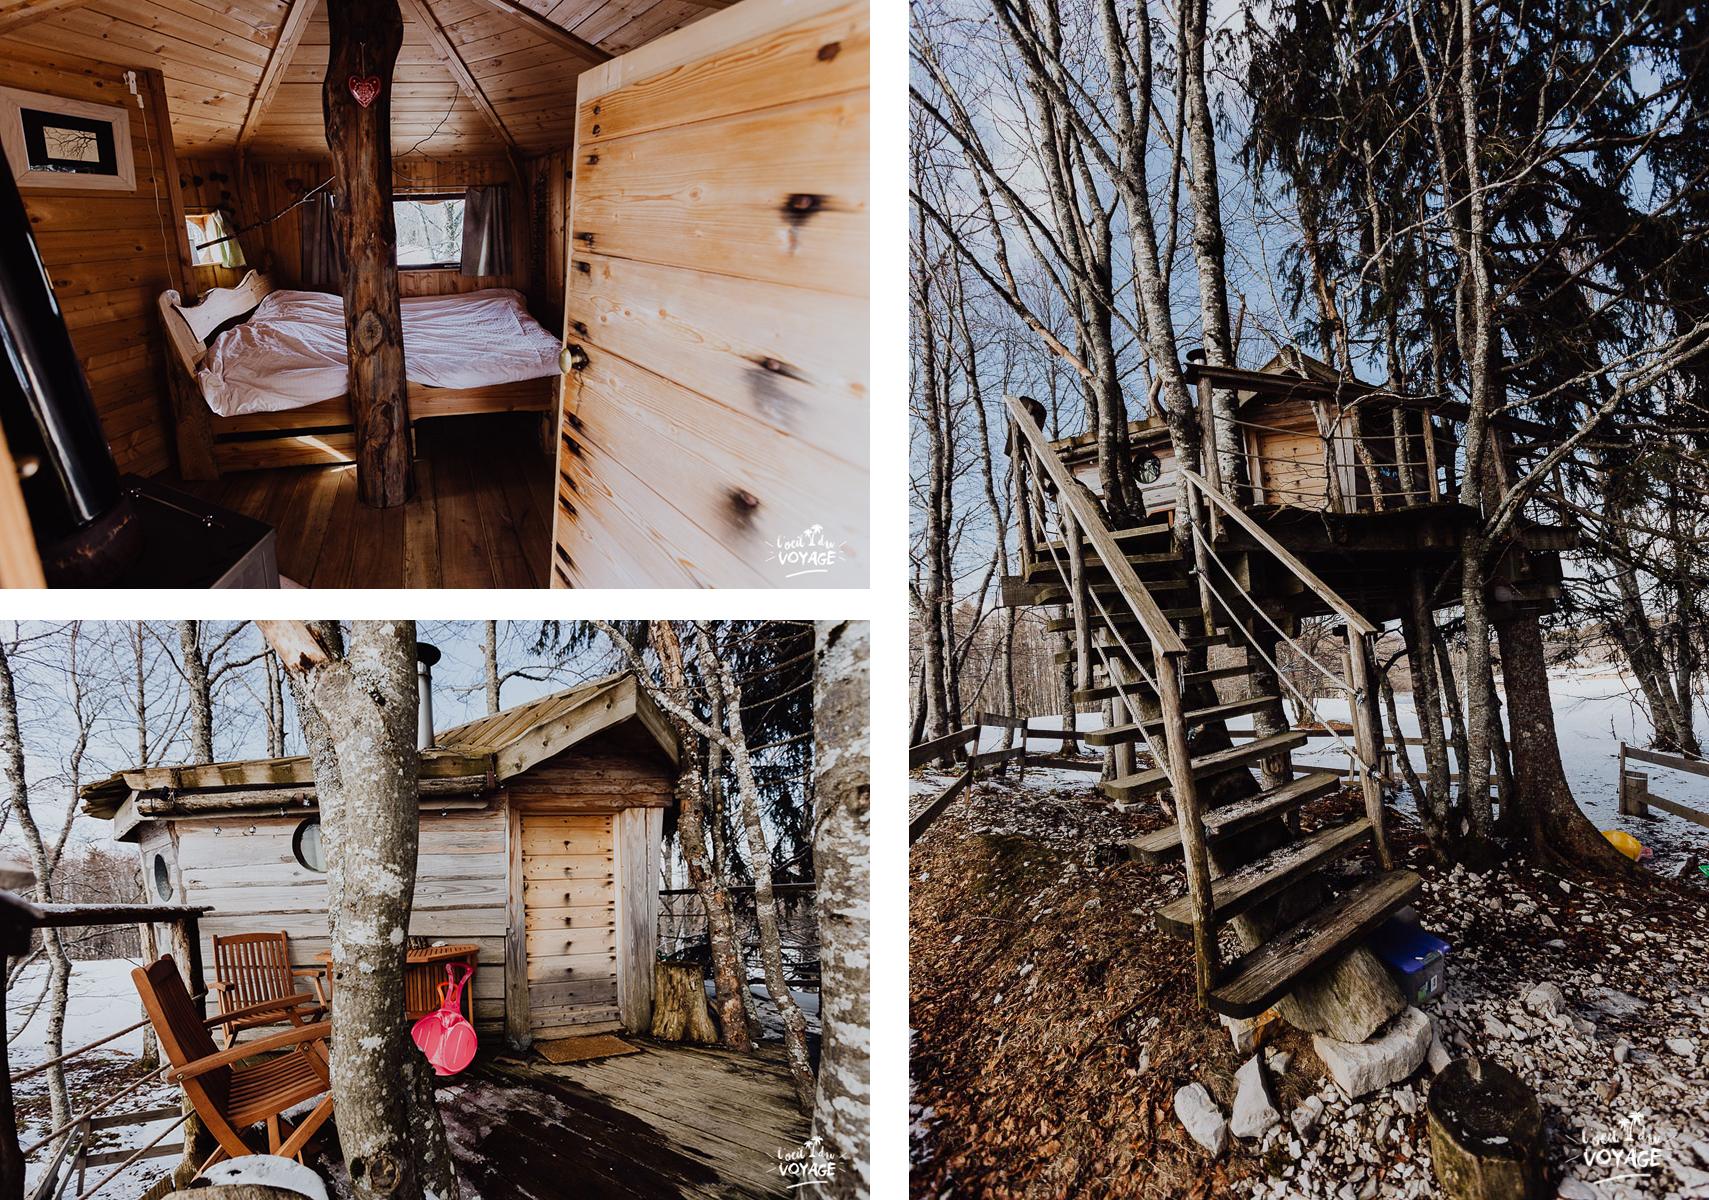 cabane perchée loges du Coinchet la pesse, L'oeil du voyage travel blog